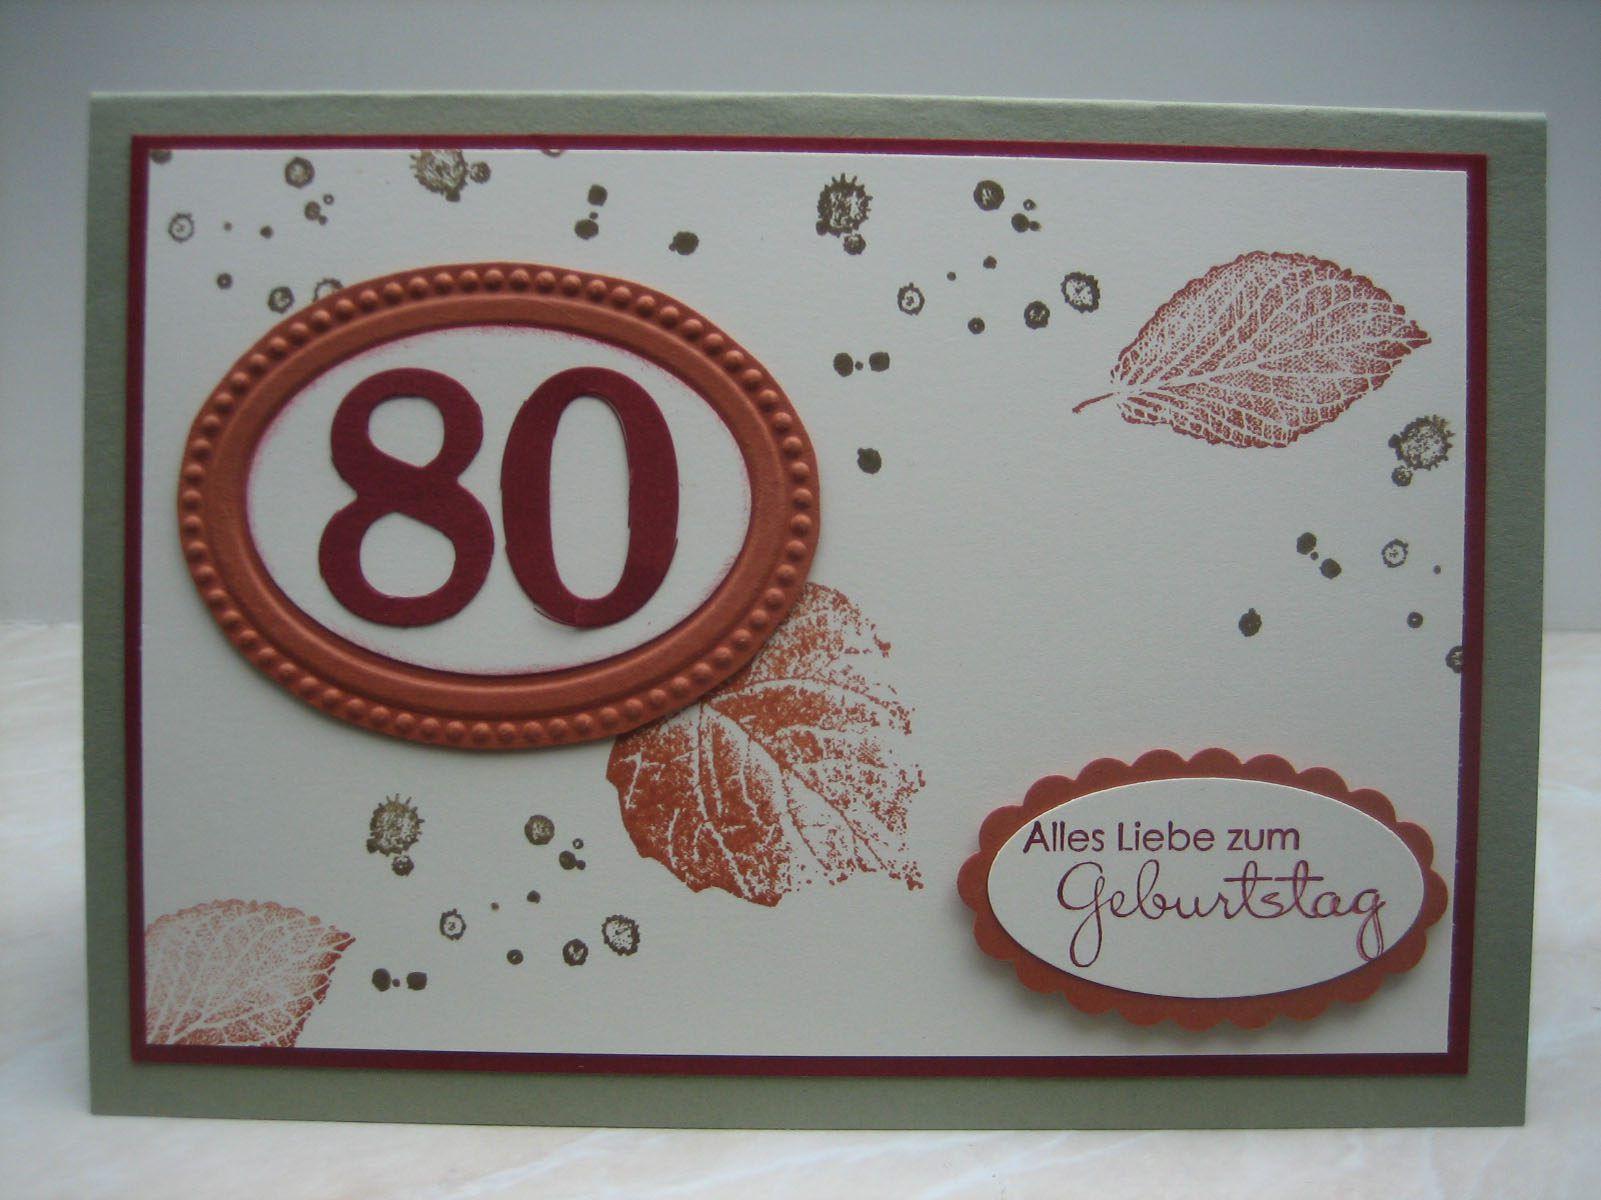 Geburtstagswünsche Zum 80 Geburtstag  Einladungskarten Zum 80 Geburtstag Selbst Gestalten